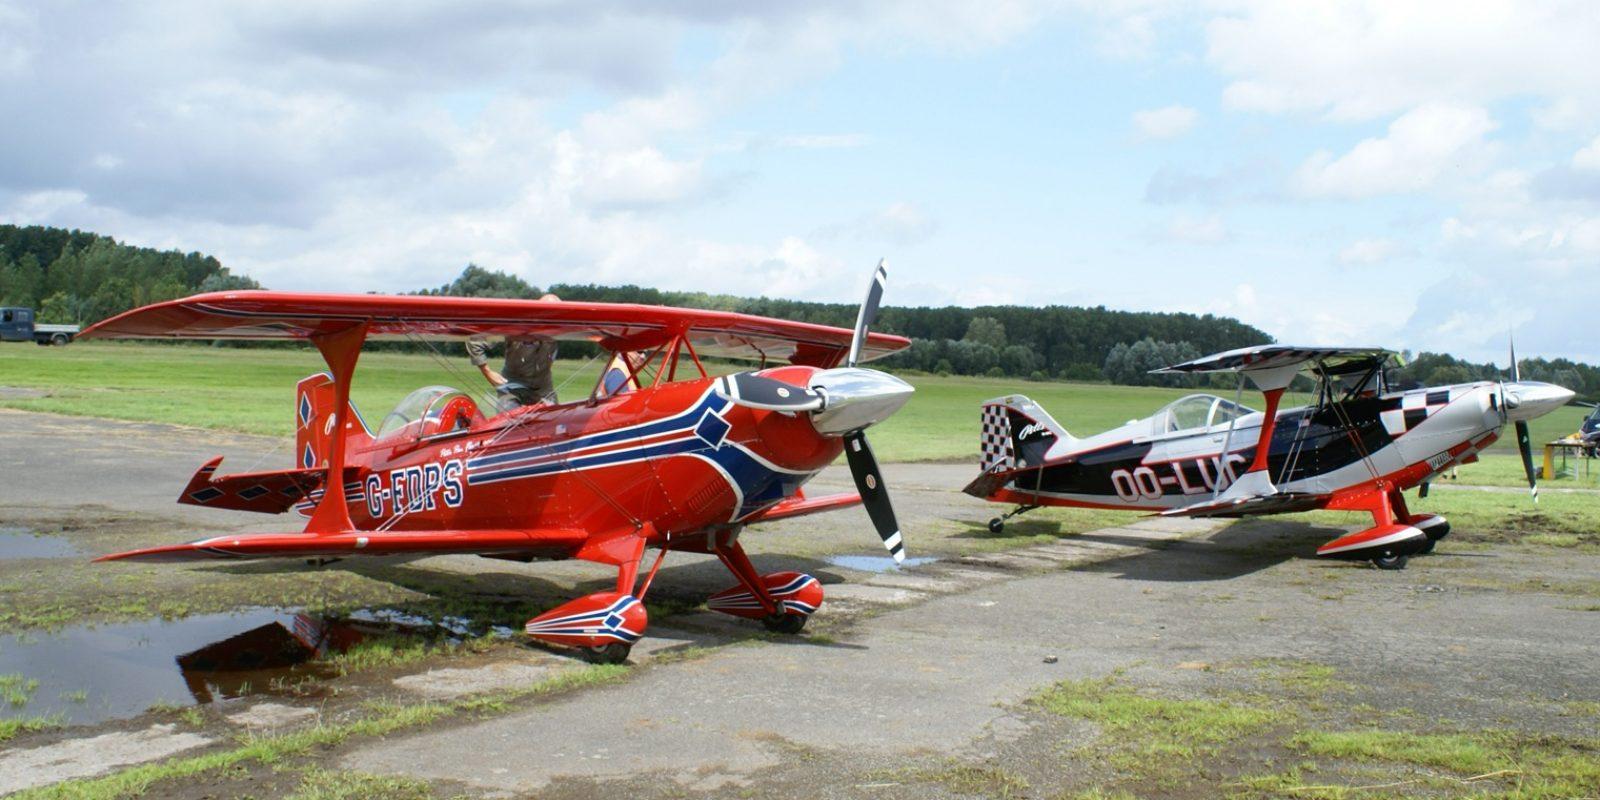 La patrouille acrobatique des Pitts Boys d'Overboelaere a fait, comme à l'accoutumée, un véritable spectacle aérien, acrobaties et vol et en formation, dimanche sur le coup de midi, malgré le vent très violent.